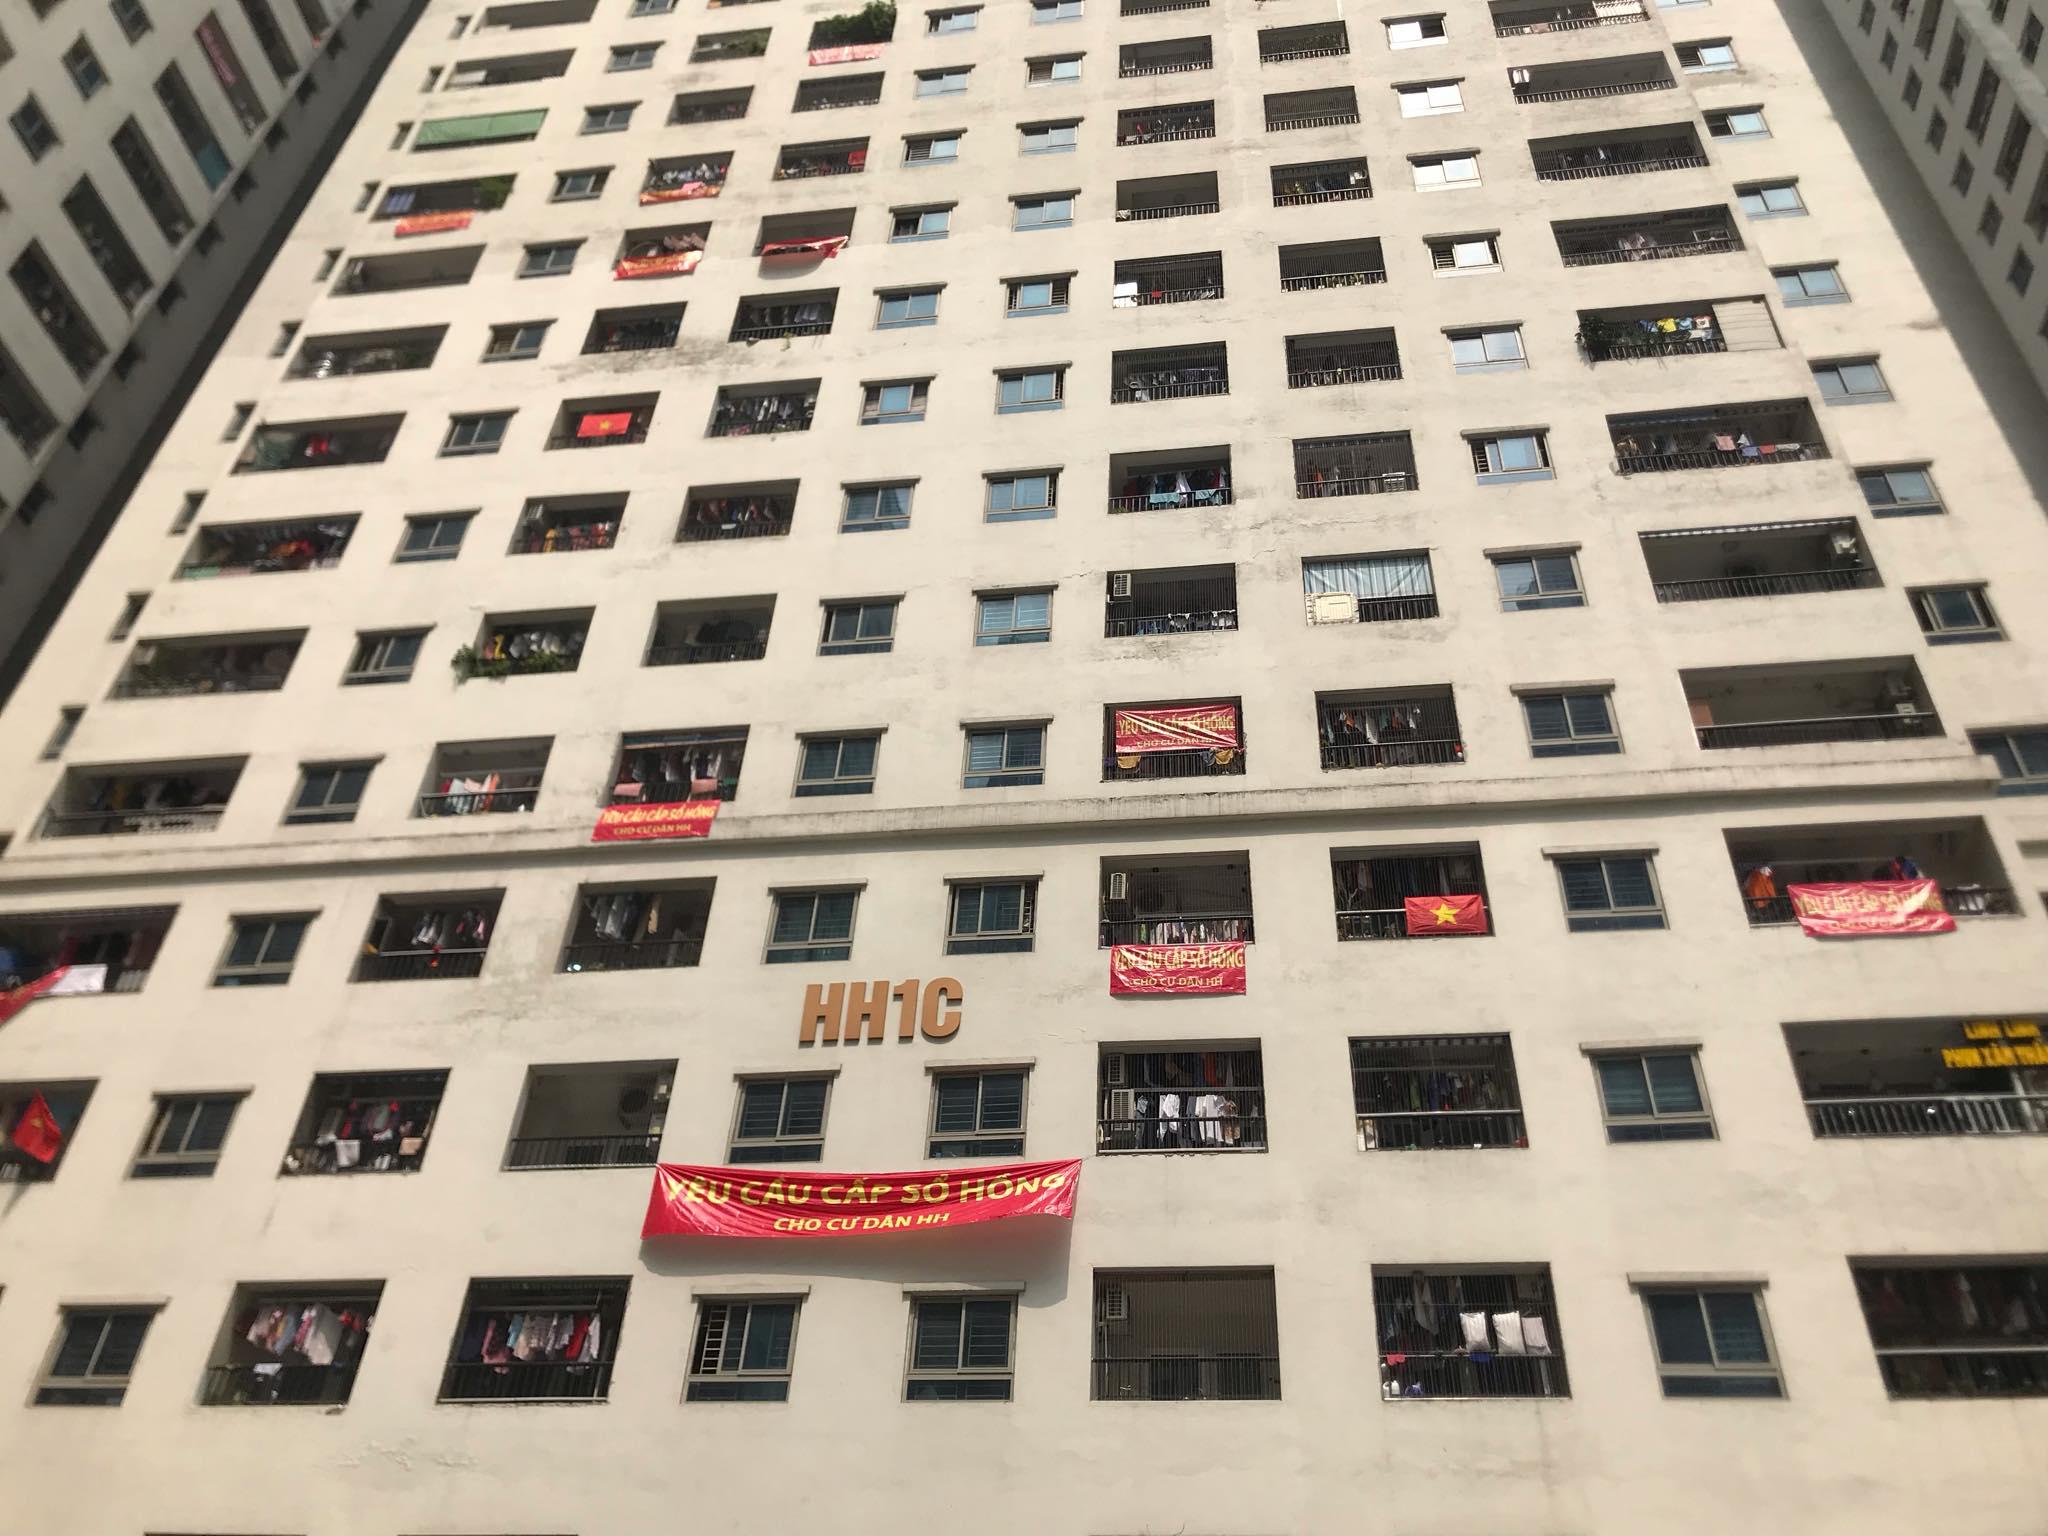 Lý giải của UBND phường về văn bản cư dân Linh Đàm treo băng rôn đòi sổ hồng vì sơn độc hại